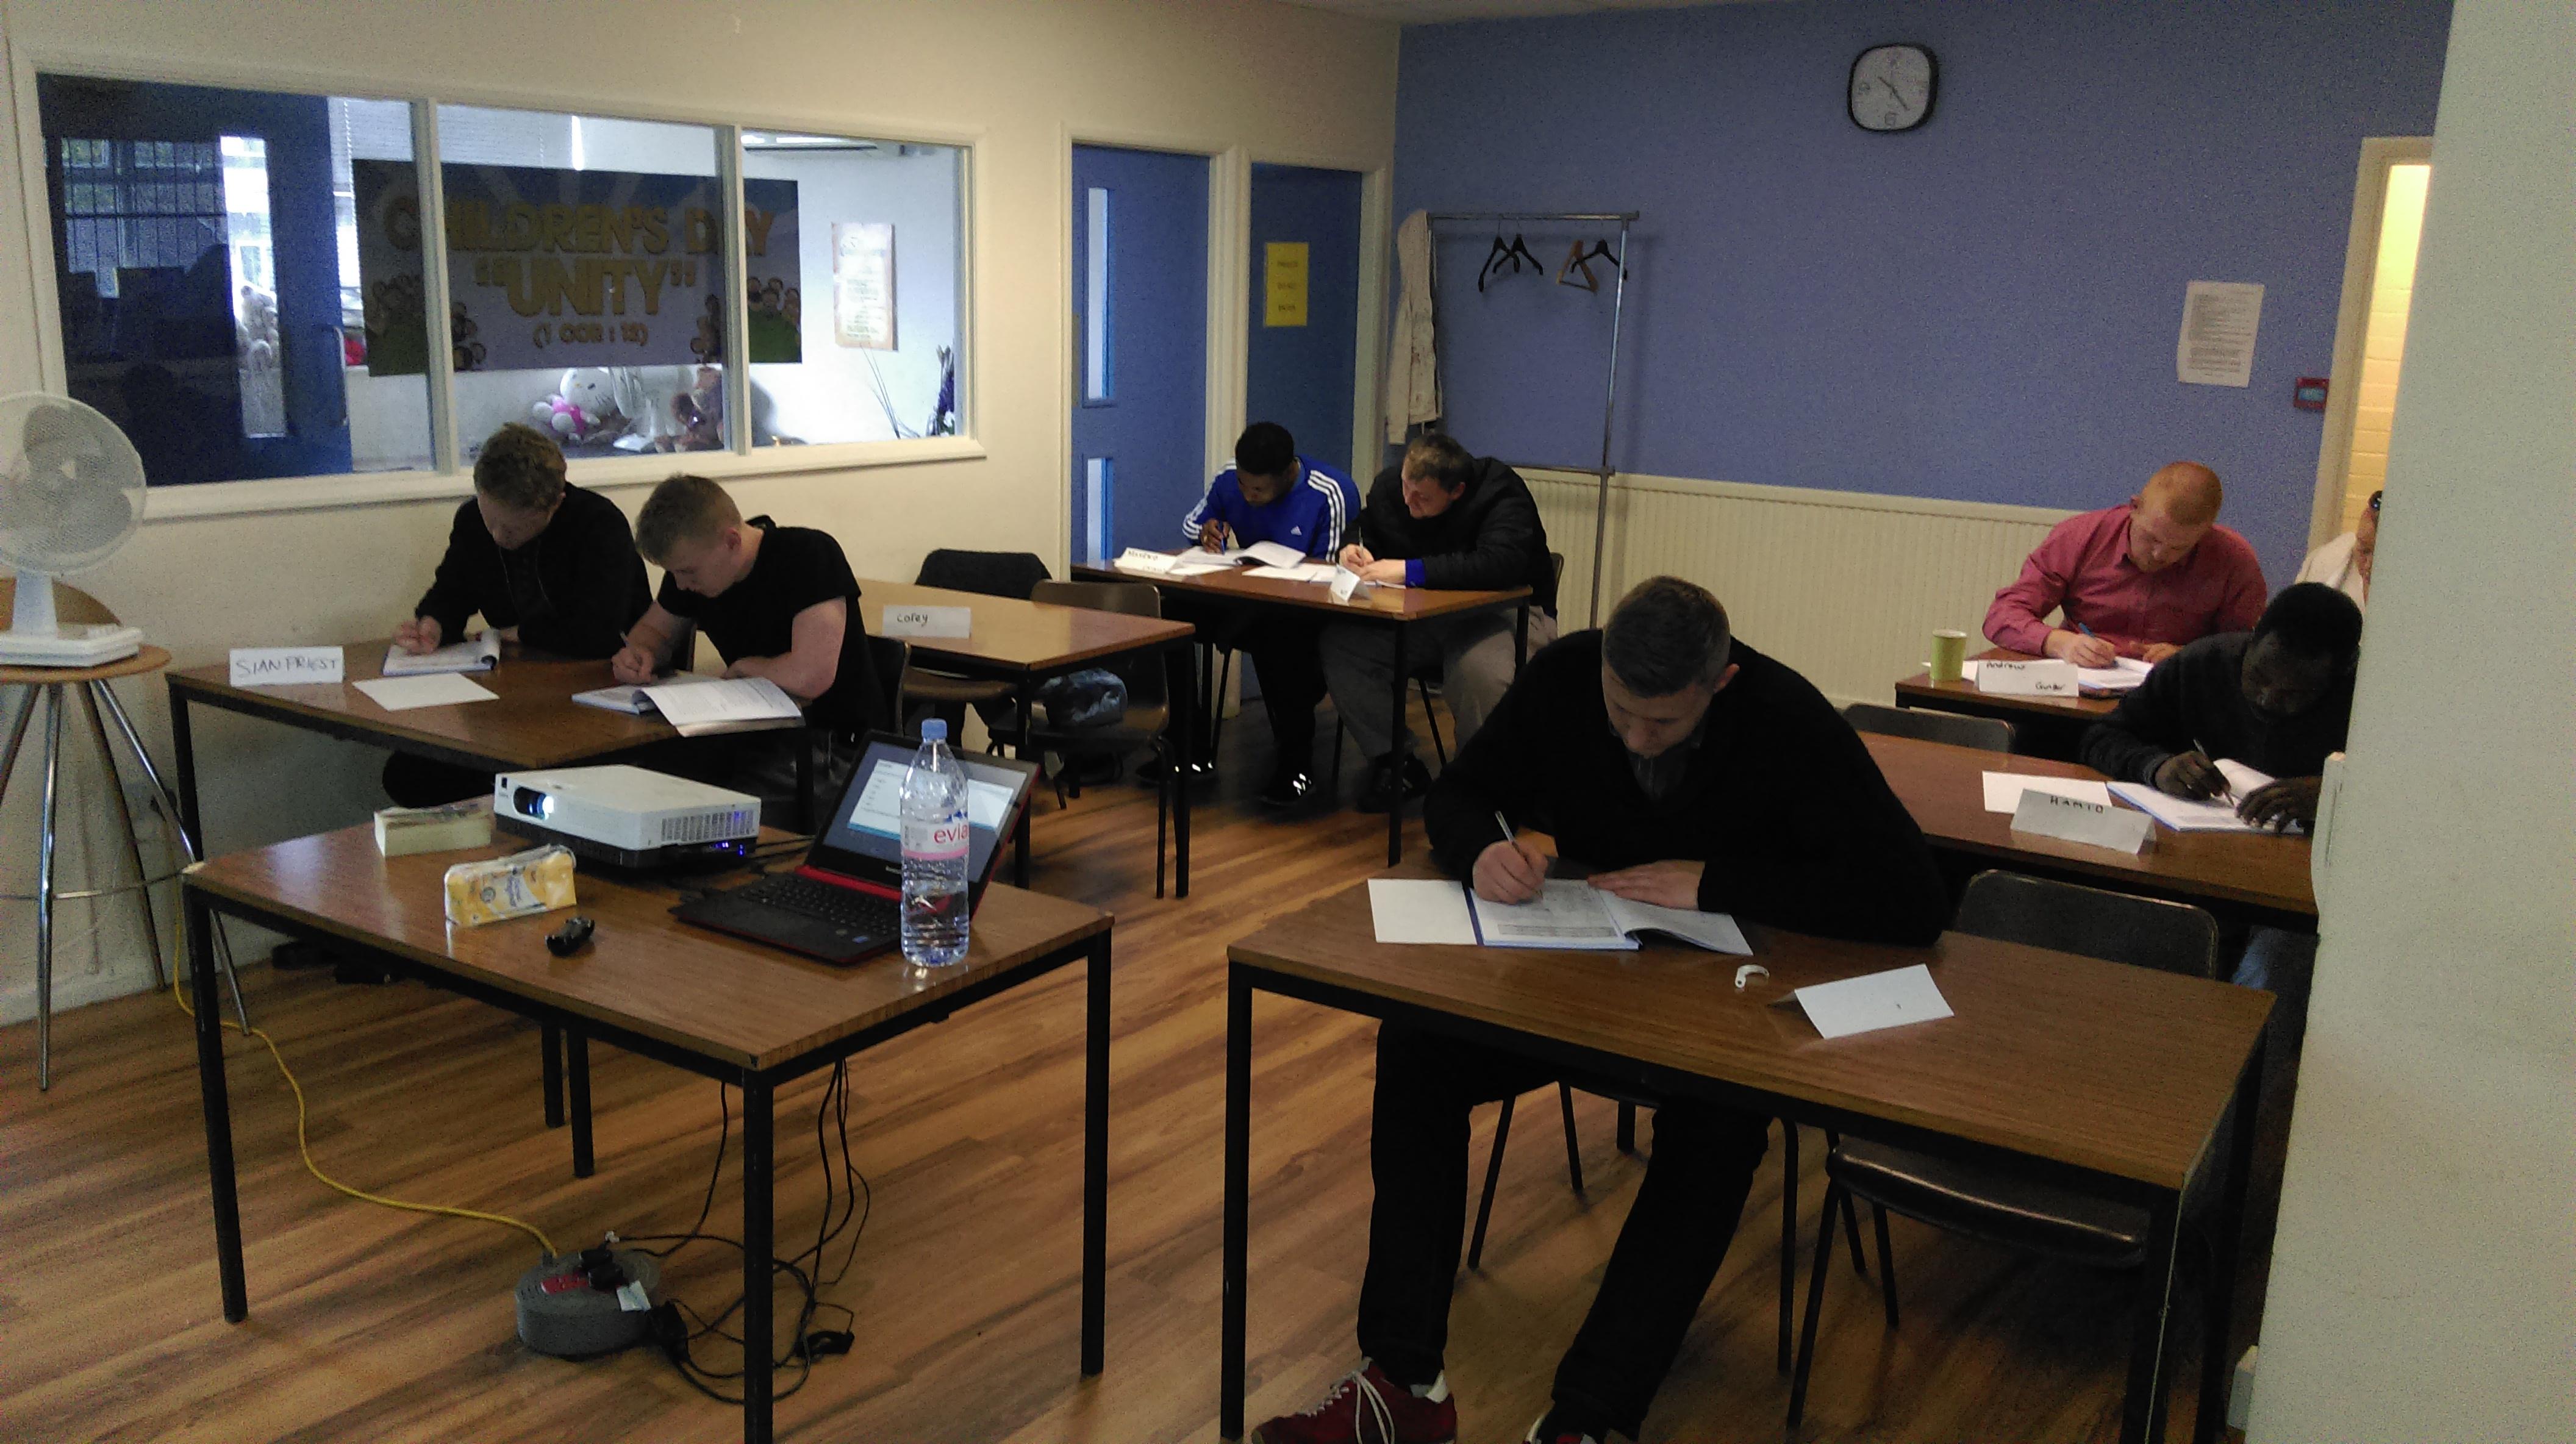 Course examination